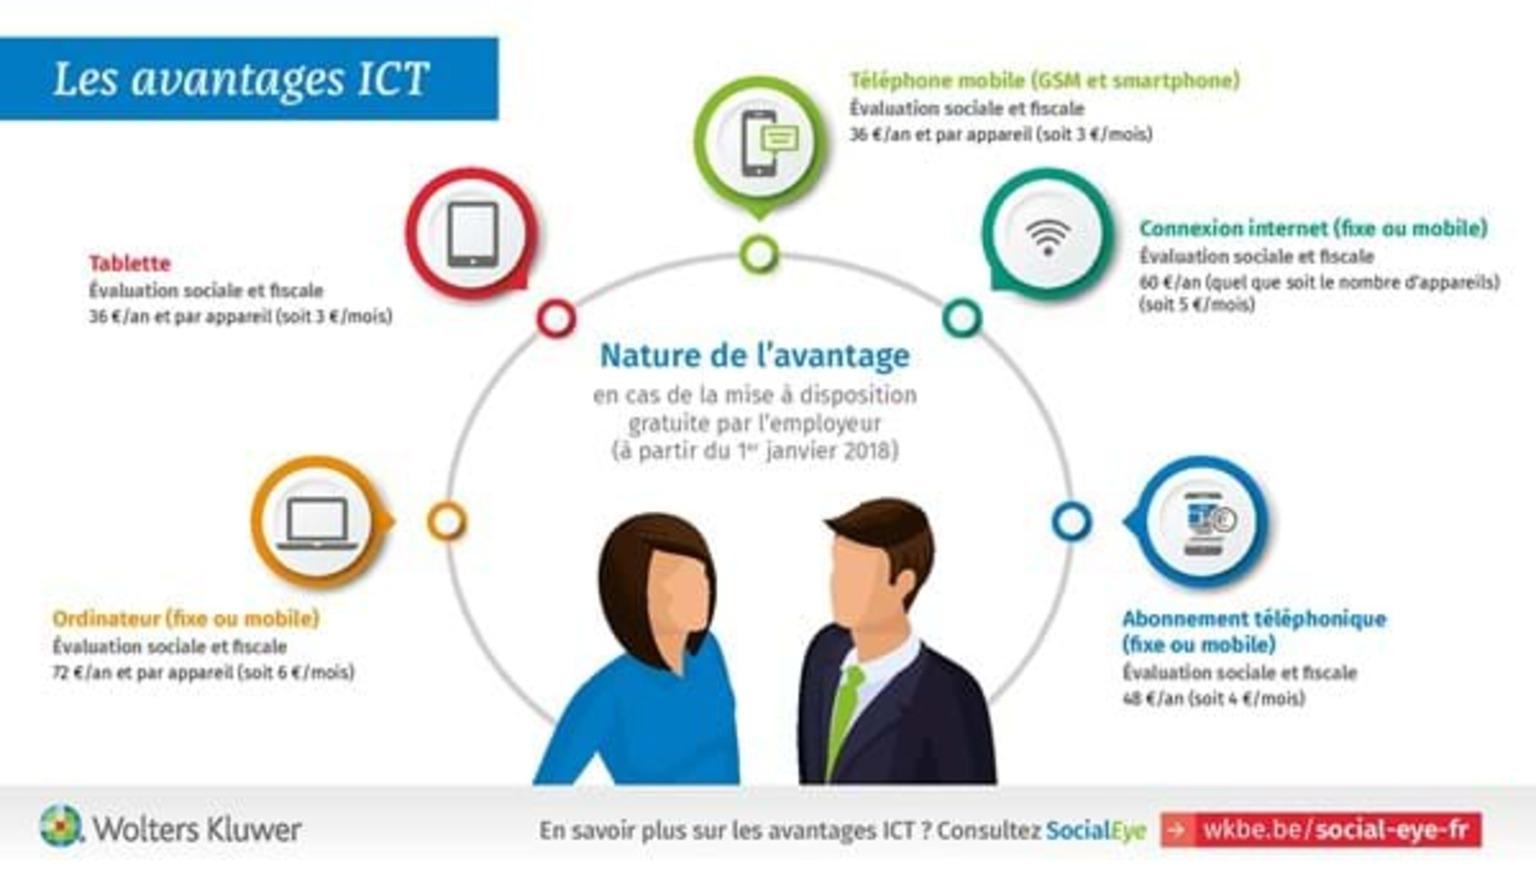 Les avantages ICT